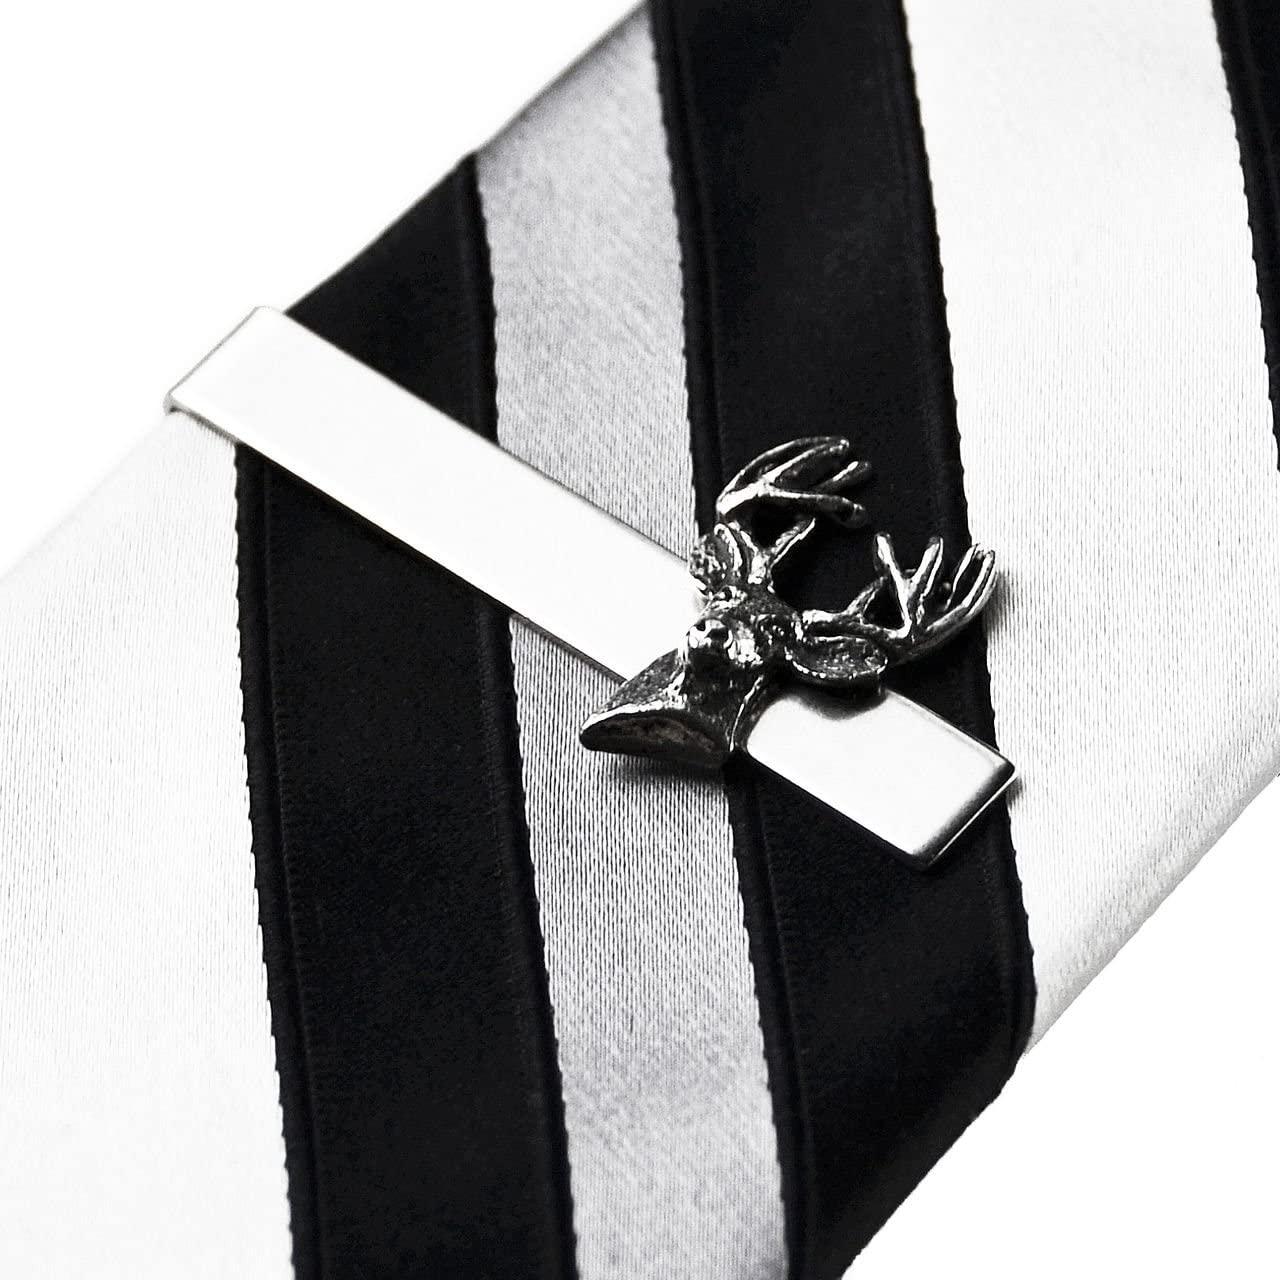 Quality Handcrafts Guaranteed Deer Tie Clip